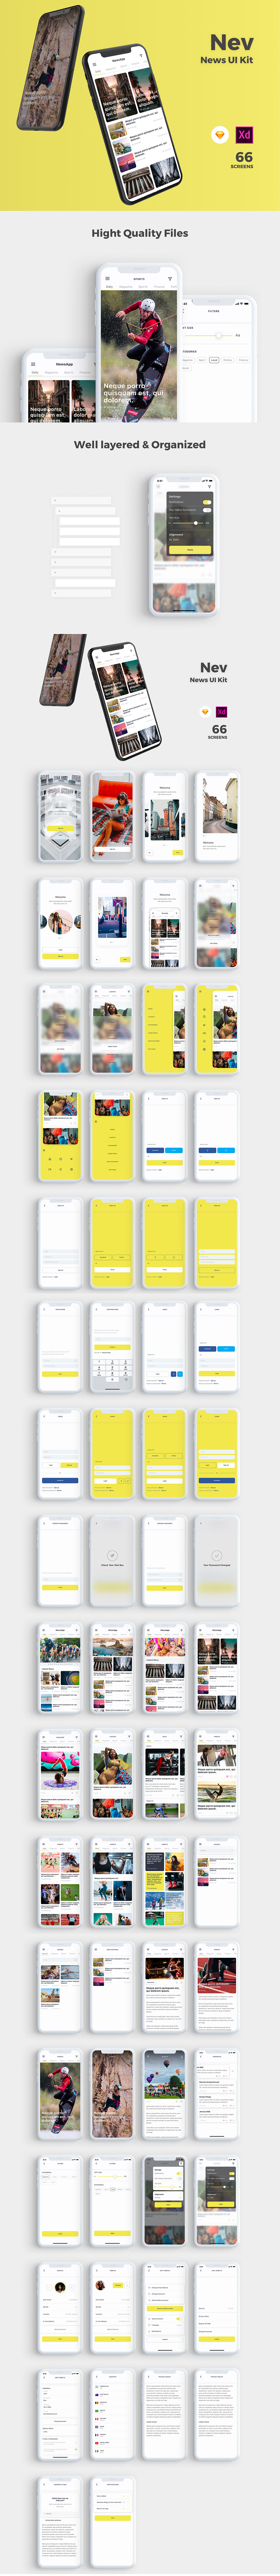 时尚新潮多功能新闻资讯客户端 APP UI KIT 套装模板下载[Sketch,XD,iOS Ui,app界面设计,app设计,ui设计]